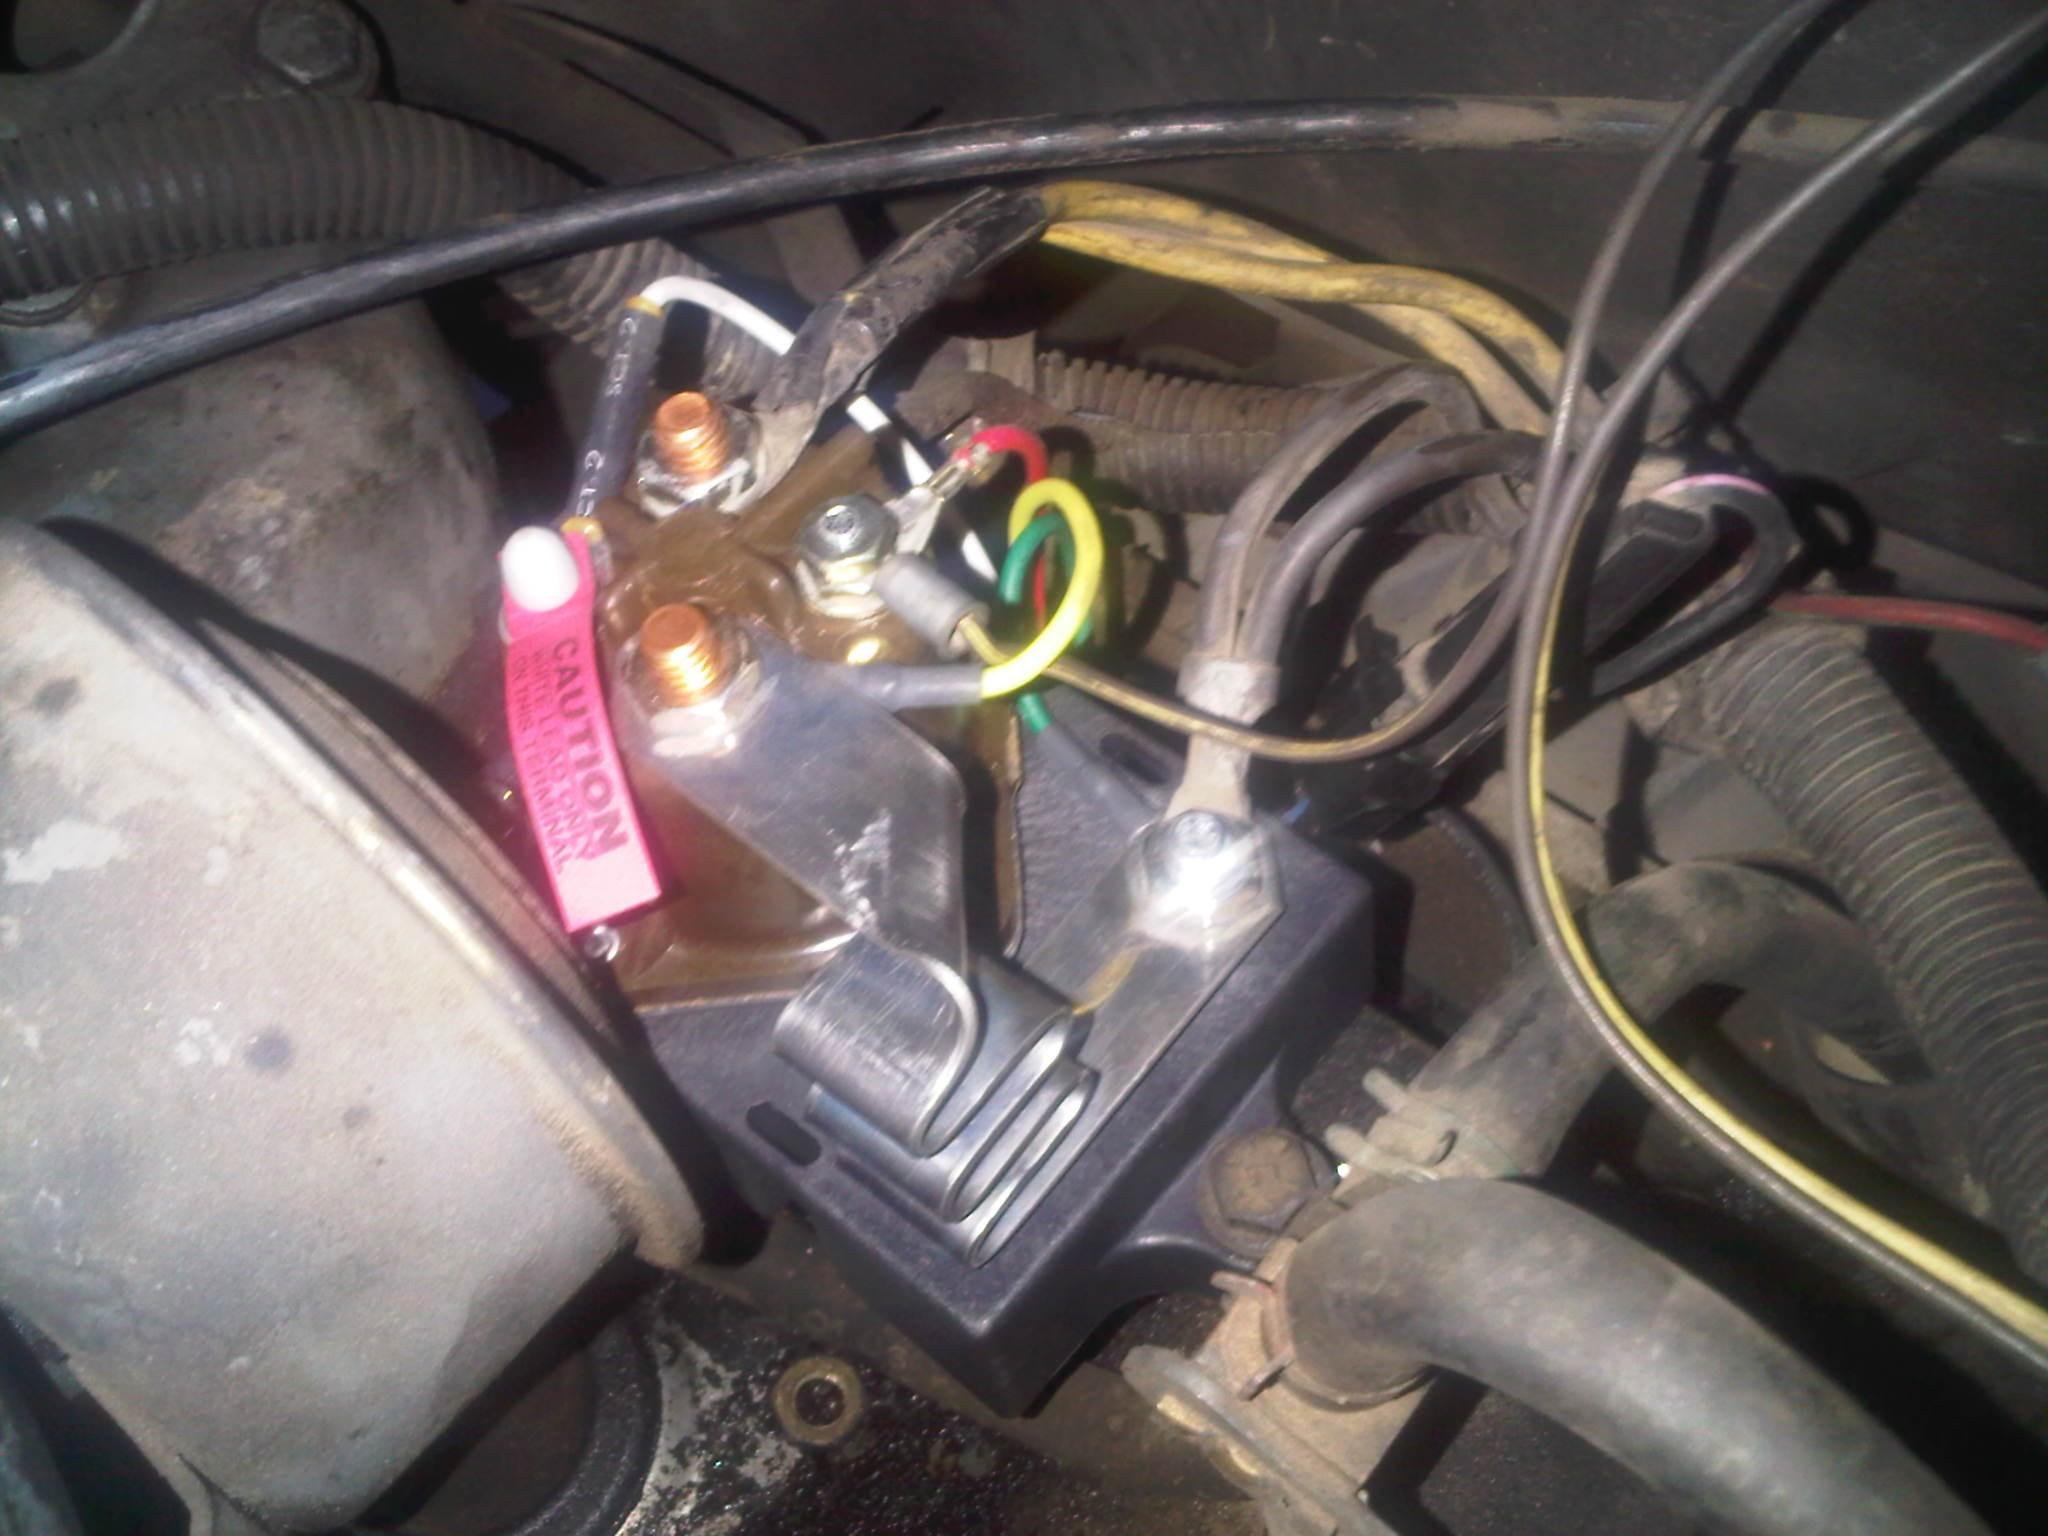 autozone fuse diagram, 7.3 idi belt diagram, ford 6.0 fuse diagram, 7.3 idi horn fuse, midi fuse diagram, 6.7 cummins fuse diagram, auto fuse diagram, on 7 3 idi fuse diagram